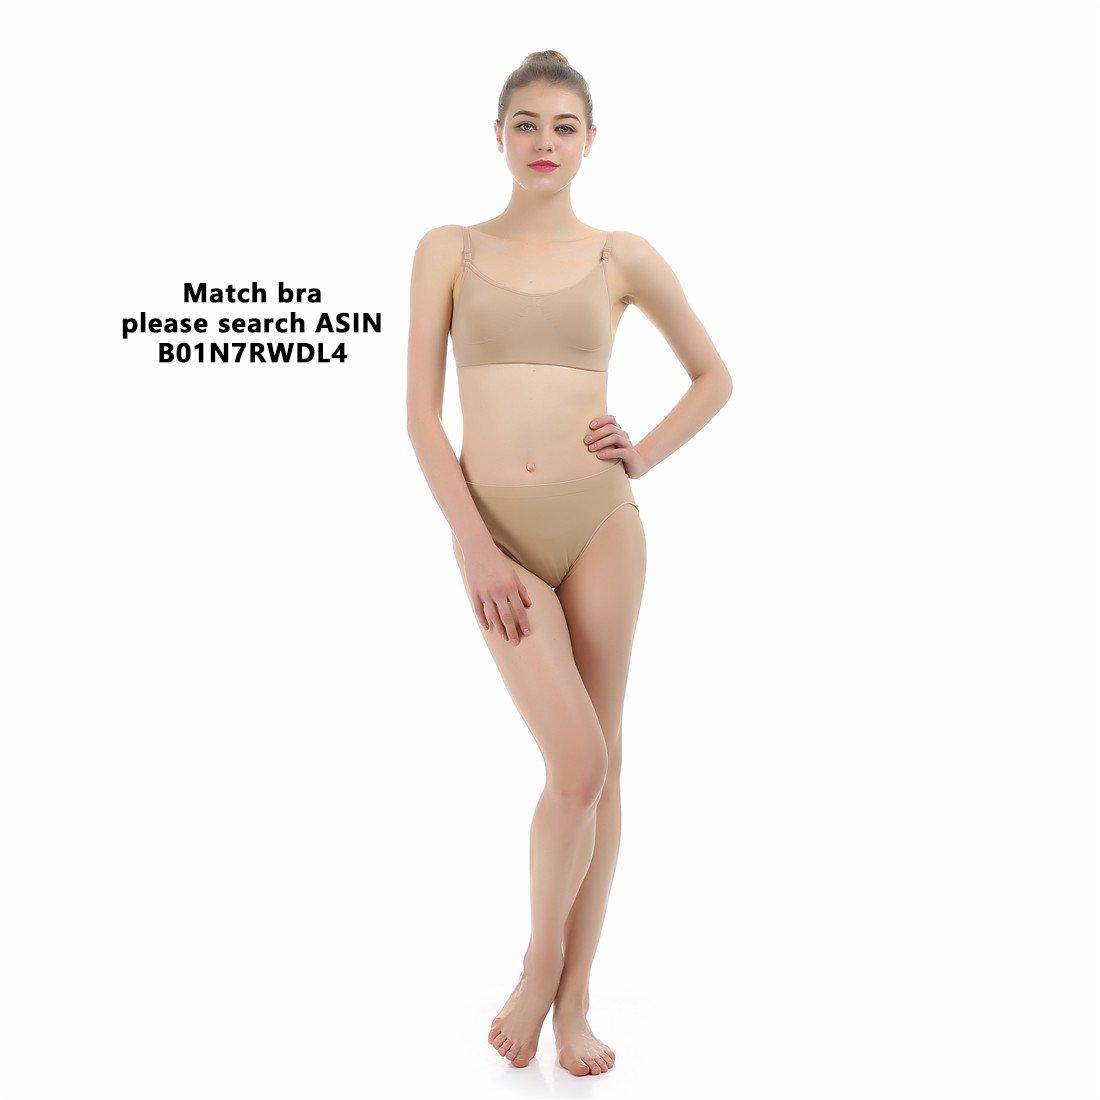 imucci profesional niña algodón beige Mid Rise de ballet Slip cintura Panty mujer baile bragas calzoncillos ropa interior: Amazon.es: Deportes y aire libre